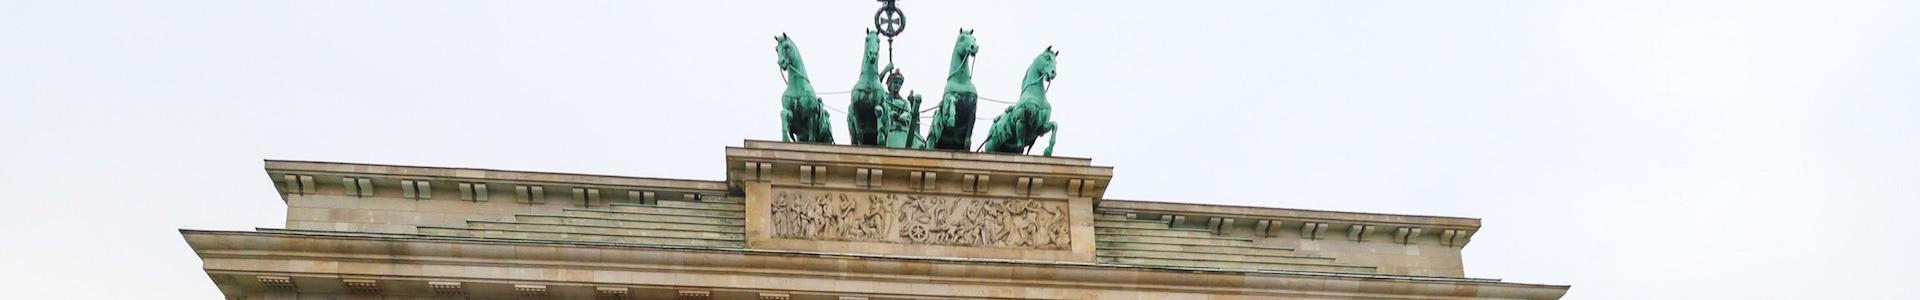 Berlin Love - Germany